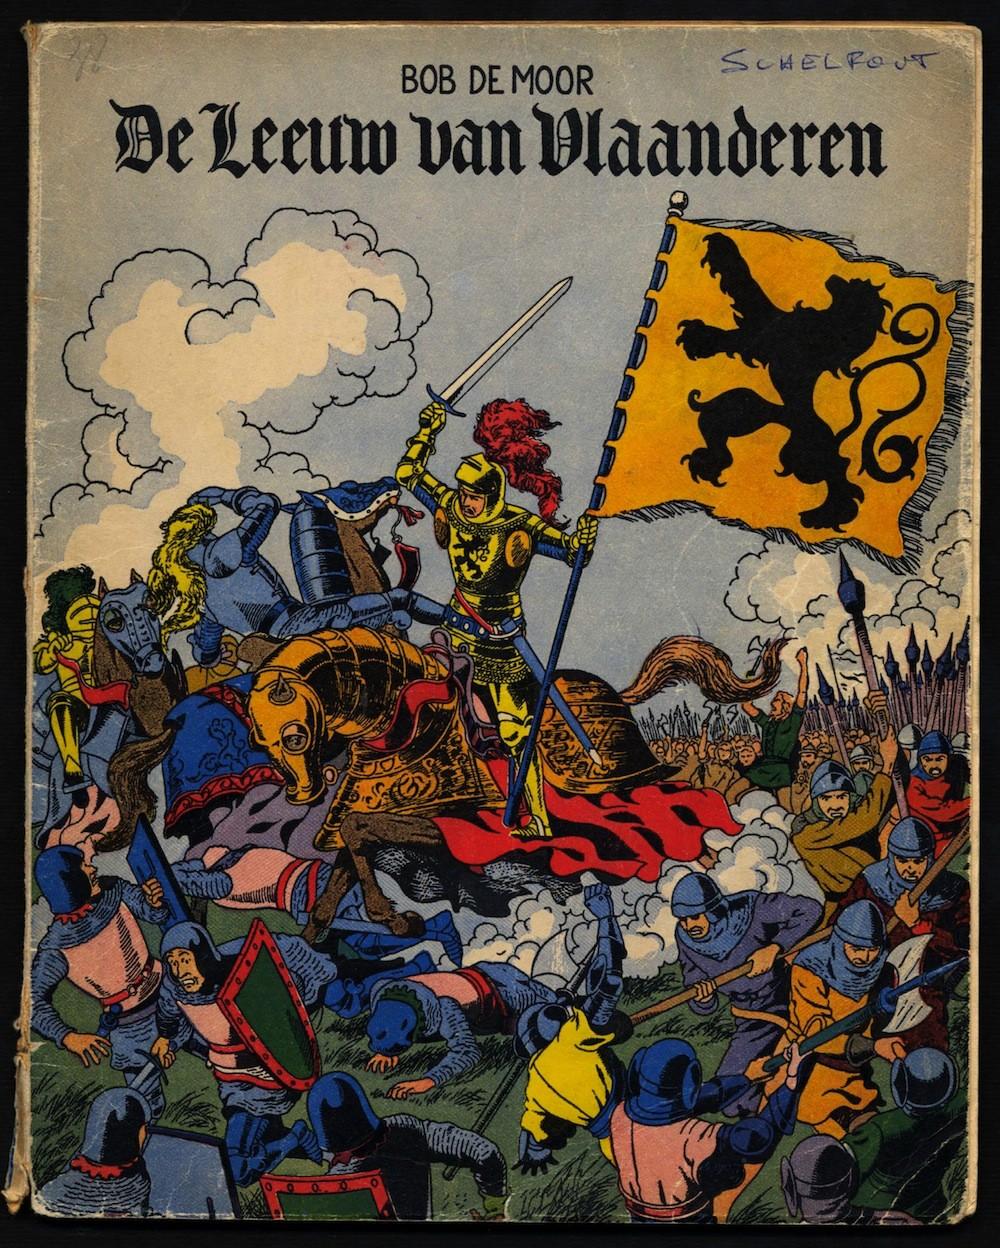 'De Leeuw van Vlaanderen' in a reworked version by Johan De Moor